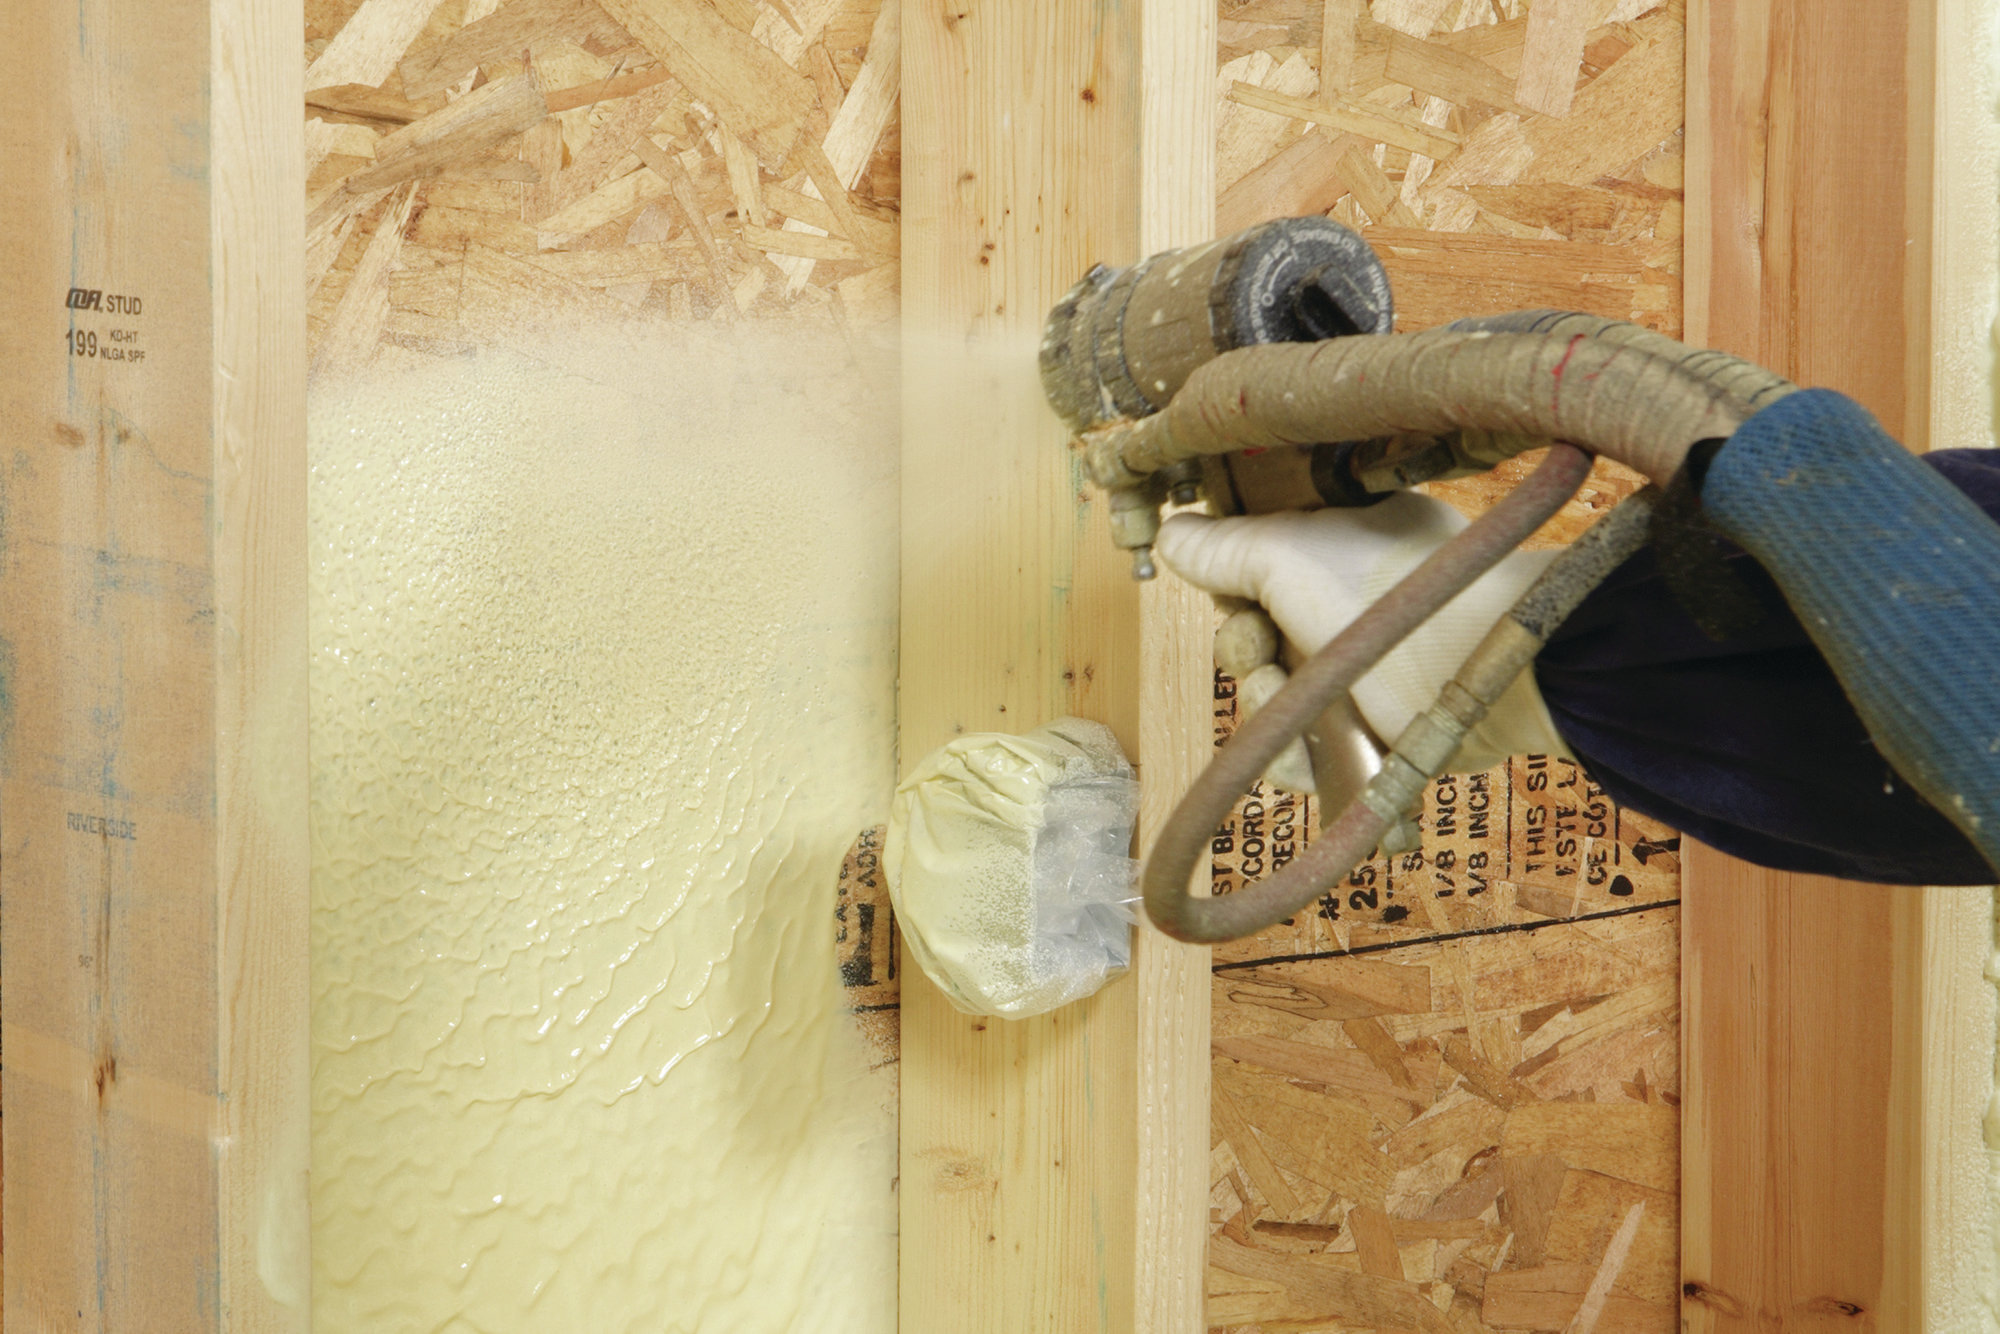 Icynene S Classic Max Spray Foam Insulation Prosales